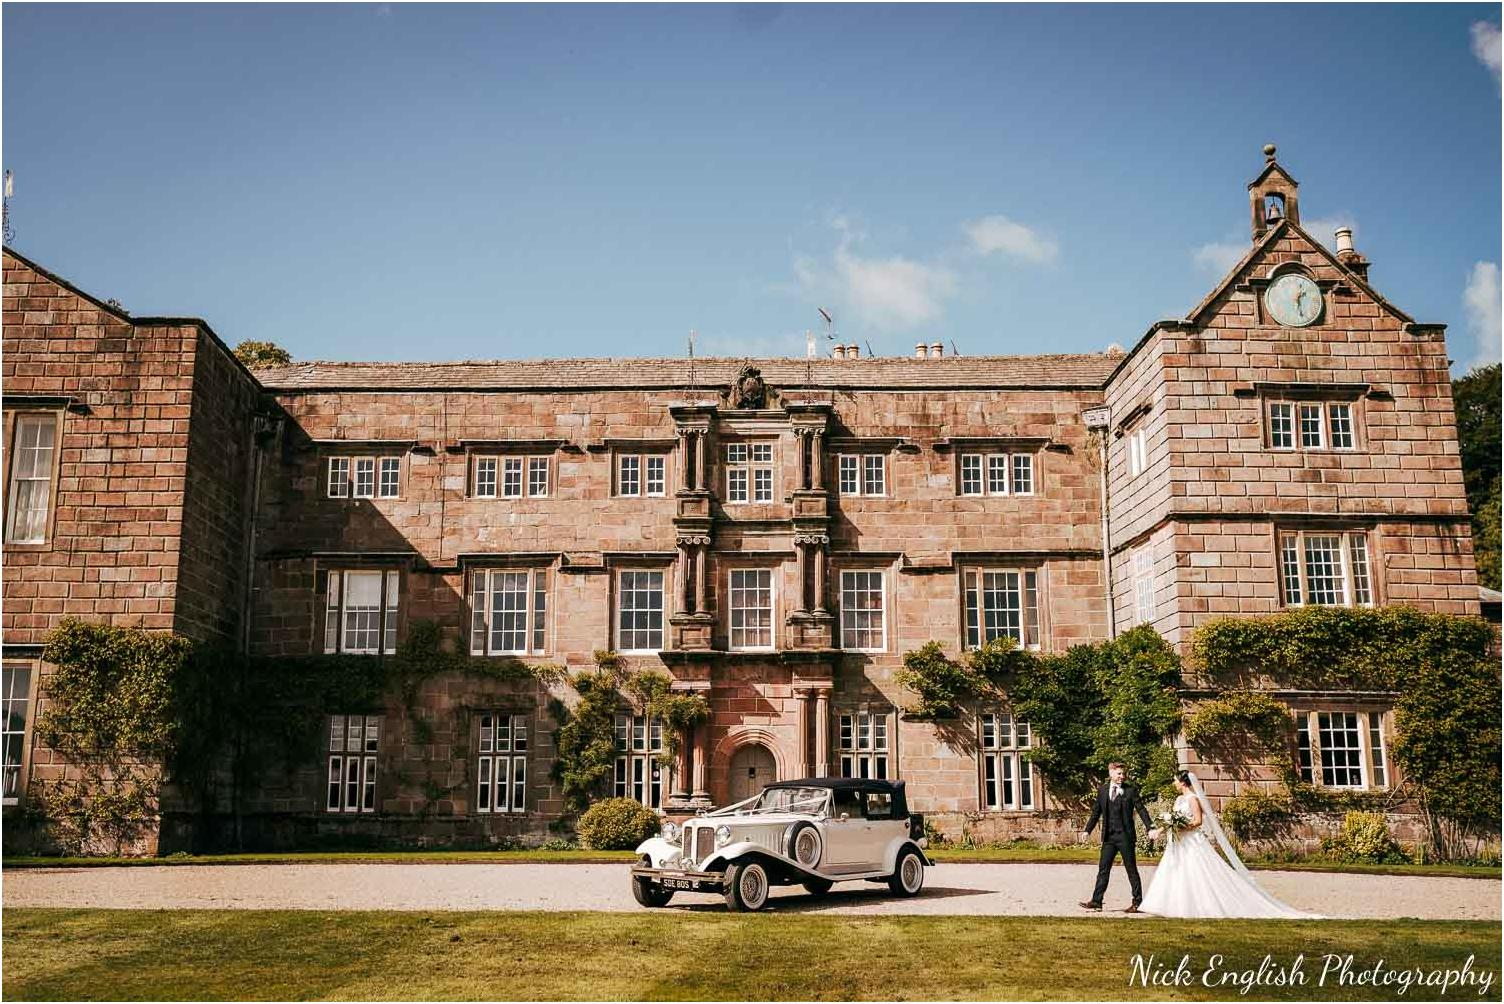 Browsholme_Hall_Barn_Wedding_Nick_English_Photography-78.jpg